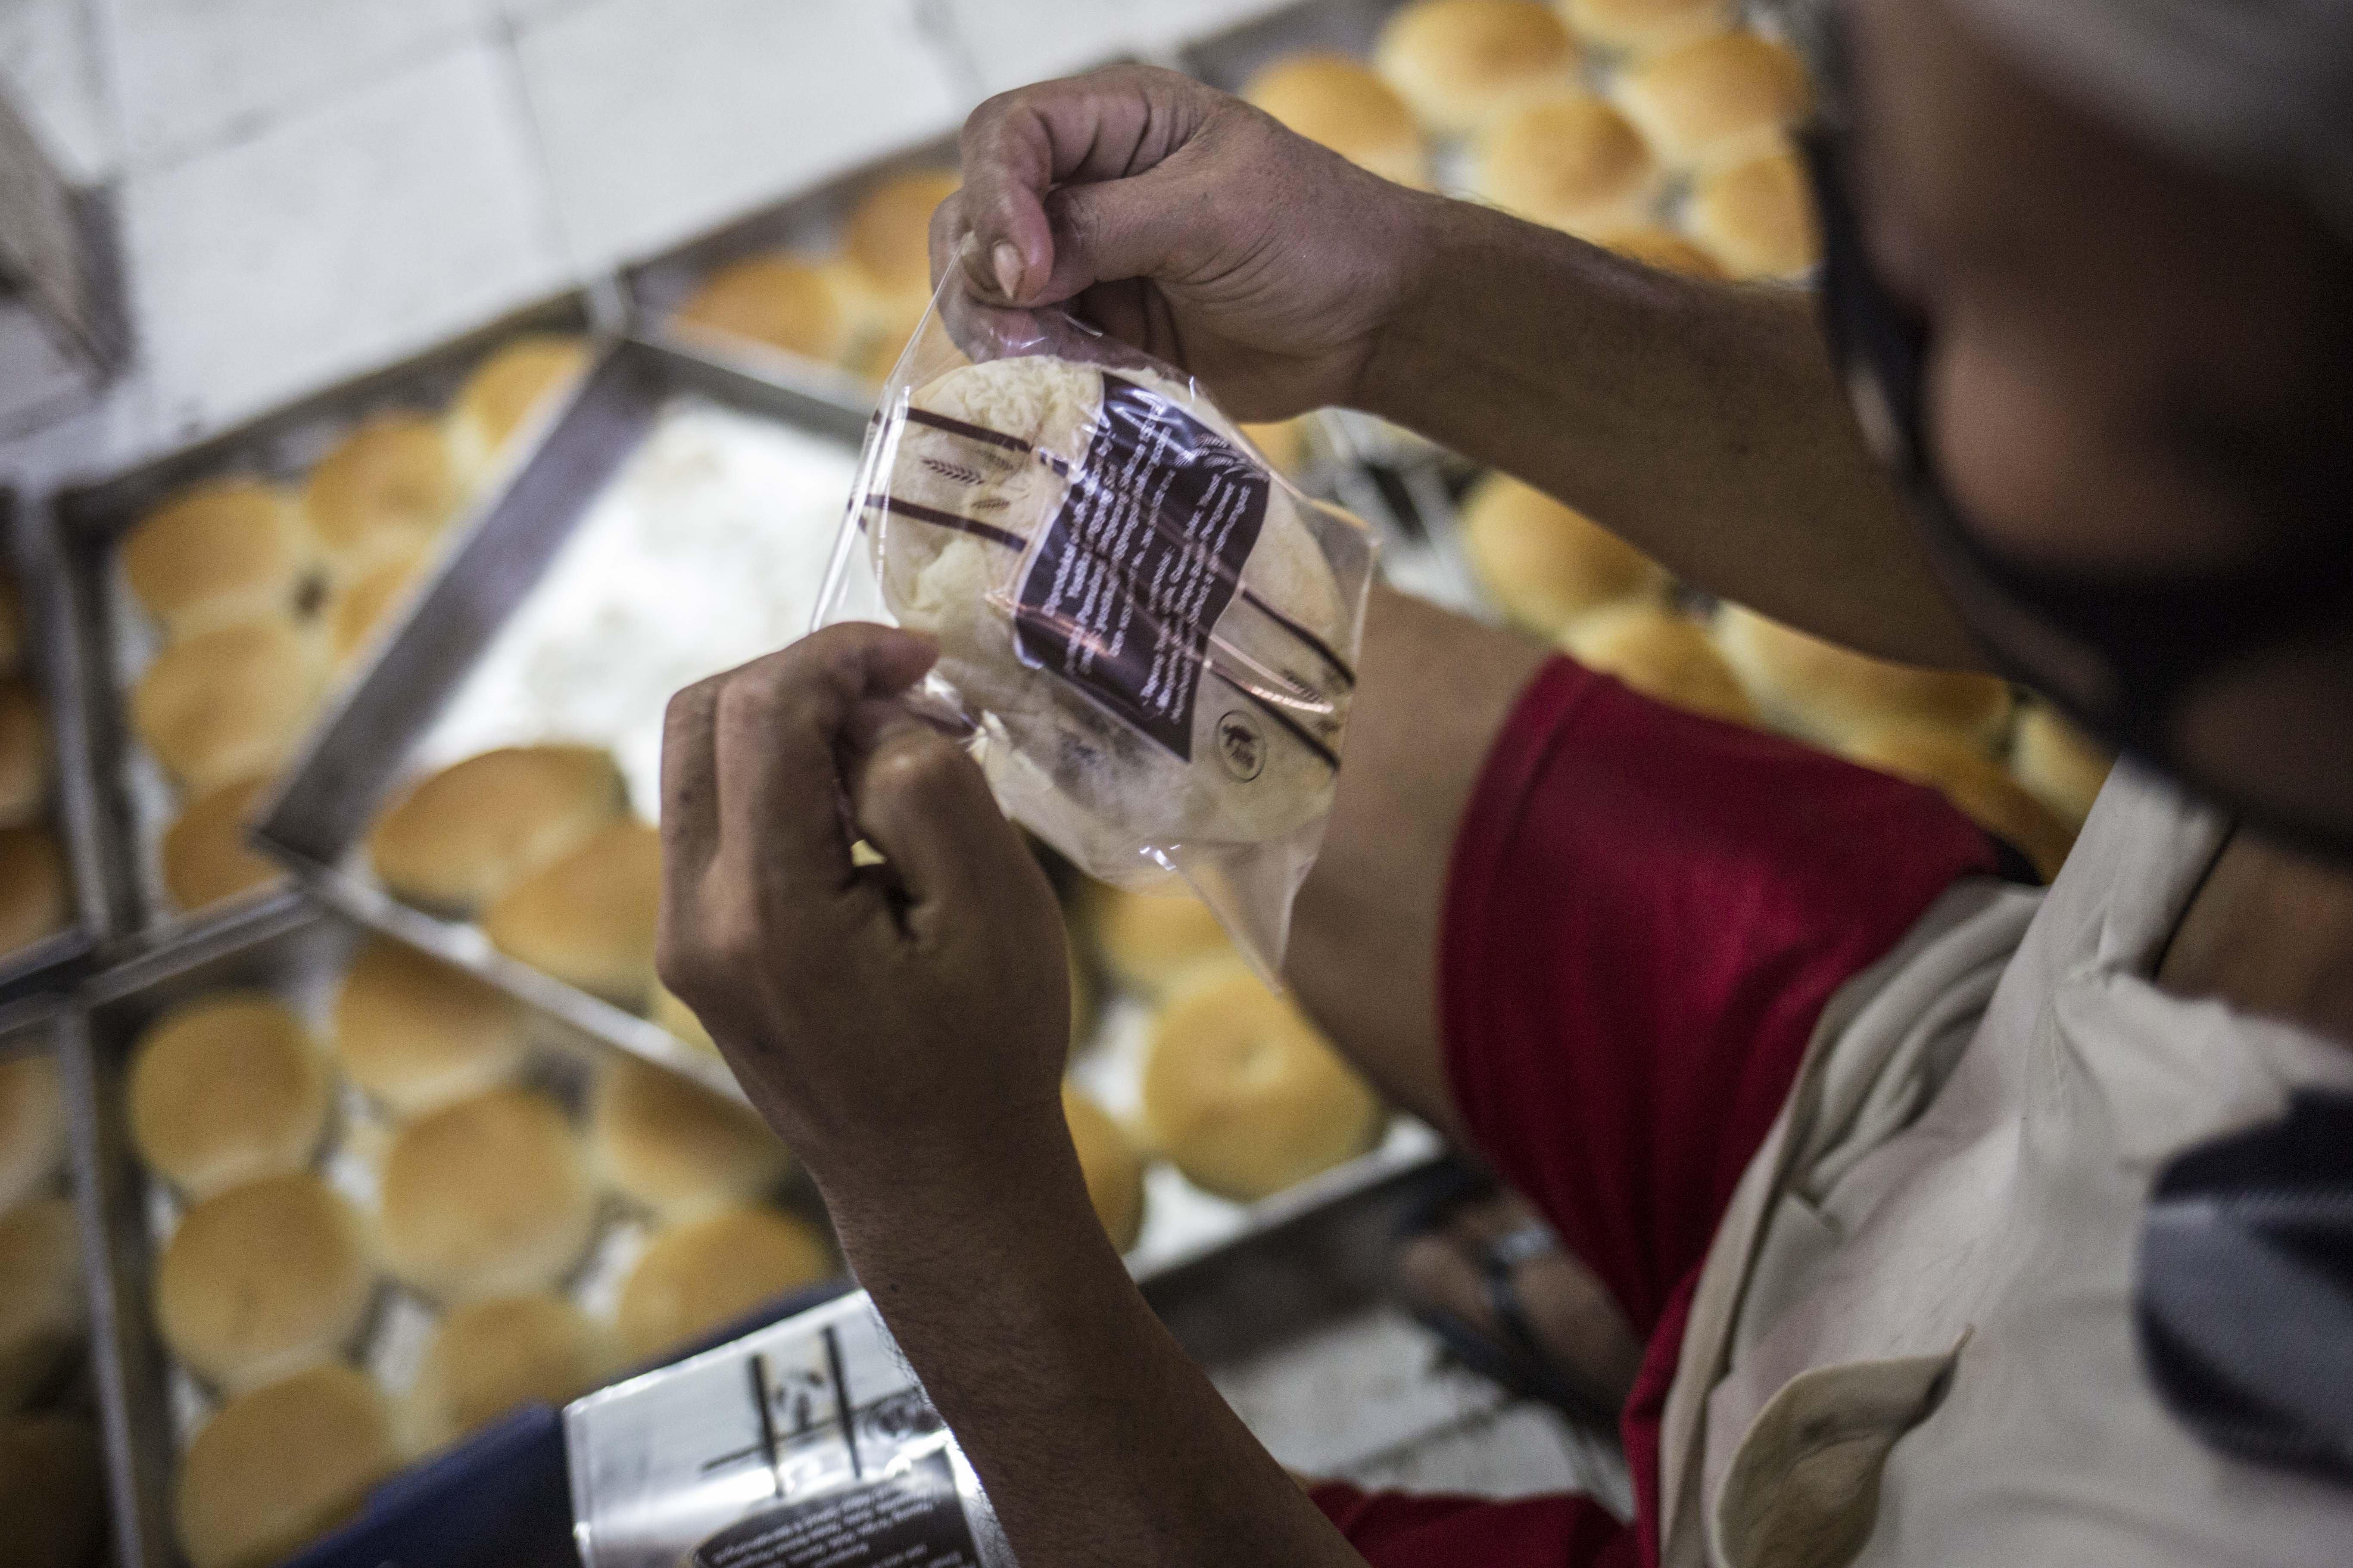 Pekerja menyelesaikan pembuatan roti skala rumahan di kawasan Bendungan Hilir, Jakarta, Rabu (1/7/2020). Menurut pekerja sebelum pandemi Covid-19 mereka mampu membuat hingga 4.000-5.000 roti per hari, namun saat ini pembuatan hanya 1.000 roti per hari karena masih banyaknya warga yang beraktivitas dirumah dan mengakibatkan penurunan omset.